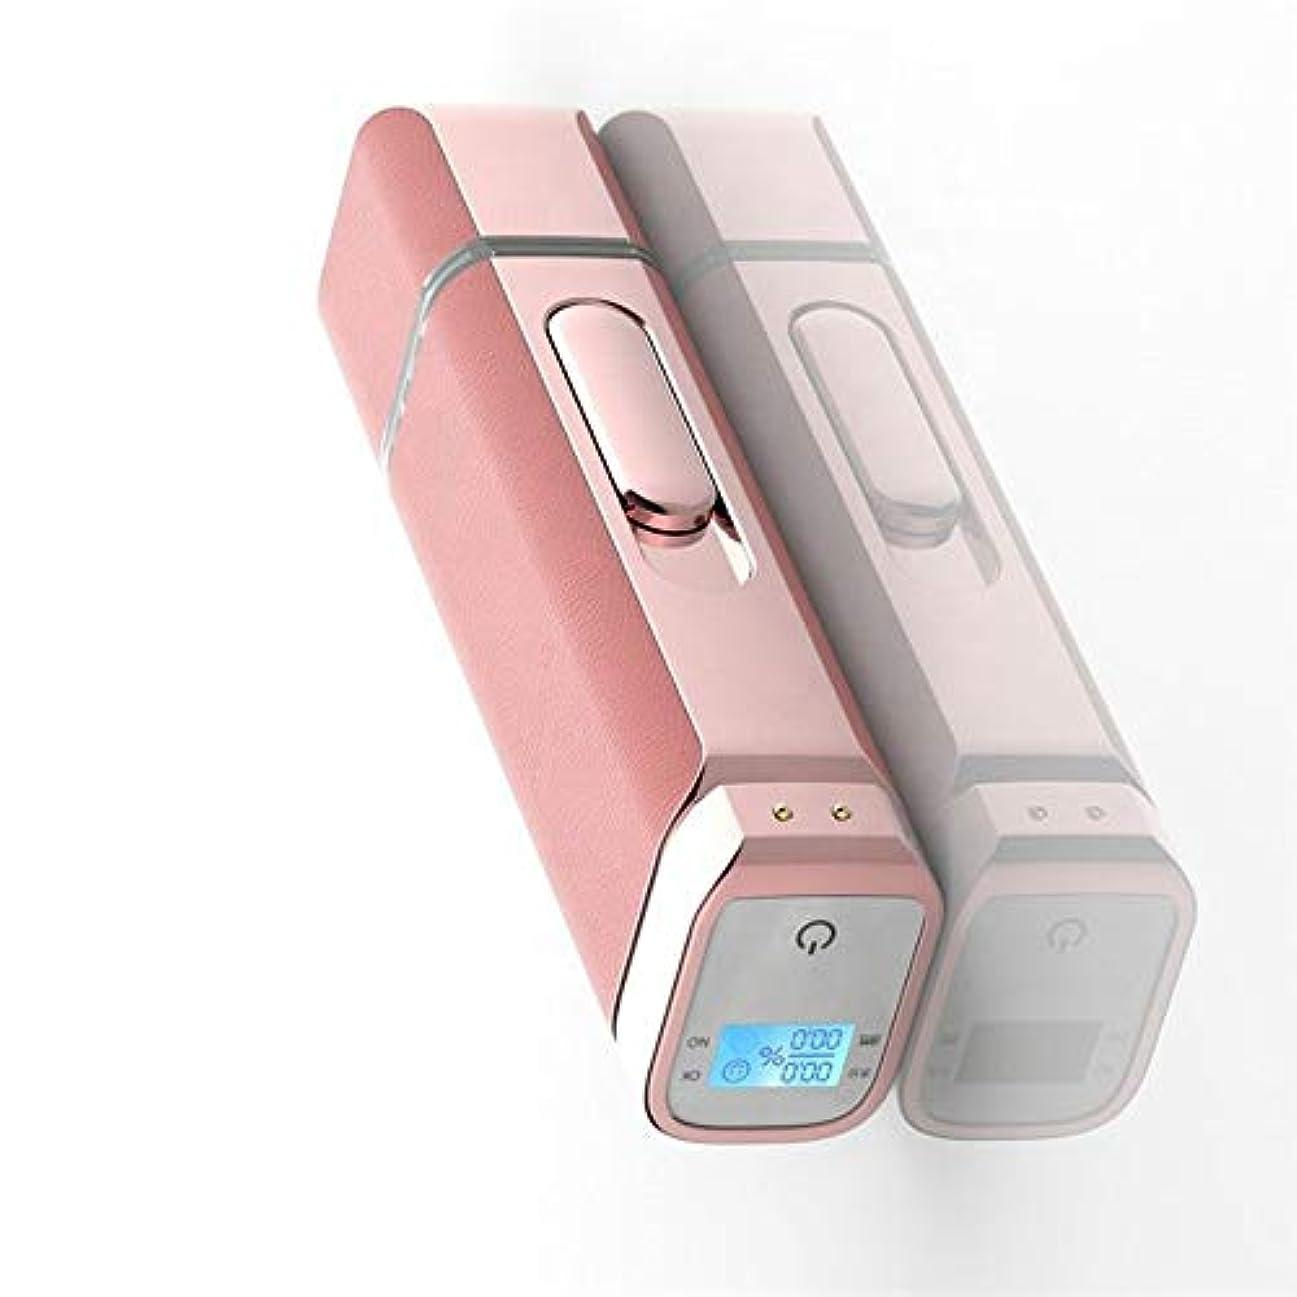 平日合成あいまいさ肌の水分テスターと顔のナノミスト噴霧器、アトマイゼーションフェイススチーマーディープモイスチャライジングブラックヘッドアクネスージングサロン用フェイシャルポータブルフェイシャルスプレー (Color : ピンク)